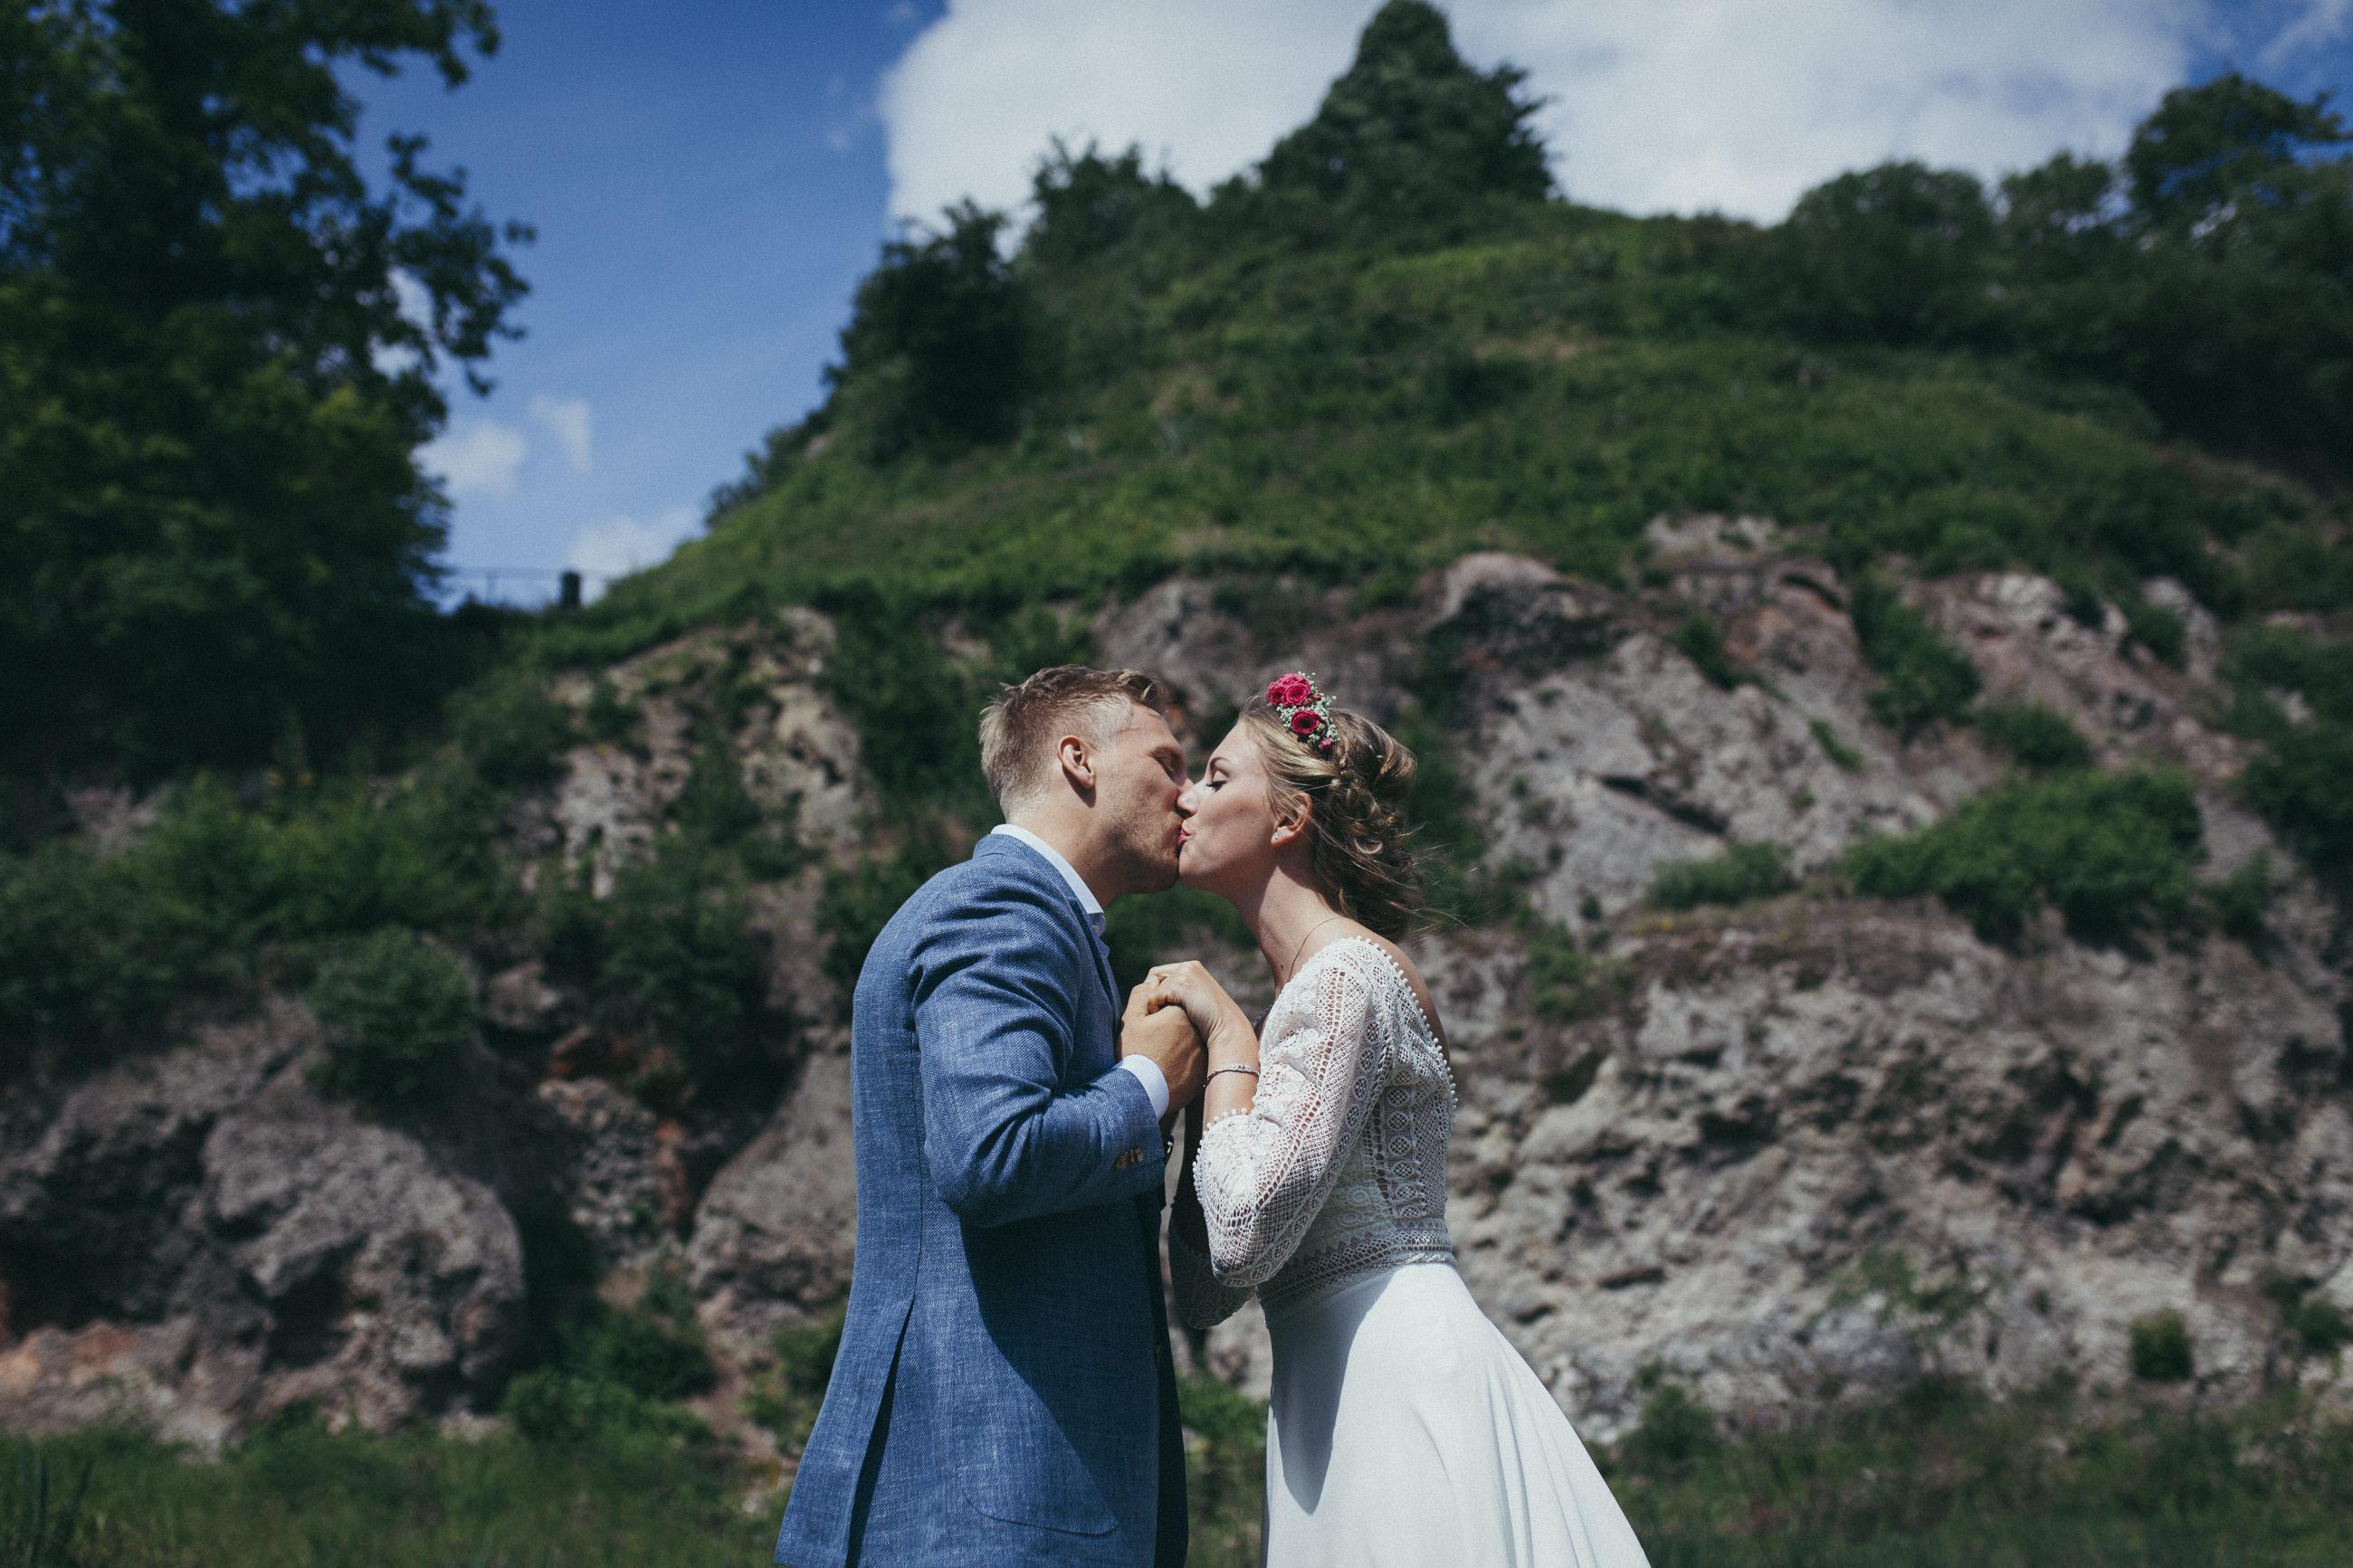 Hochzeitsfotograf Kiel - professionelle Hochzeitsreportagen